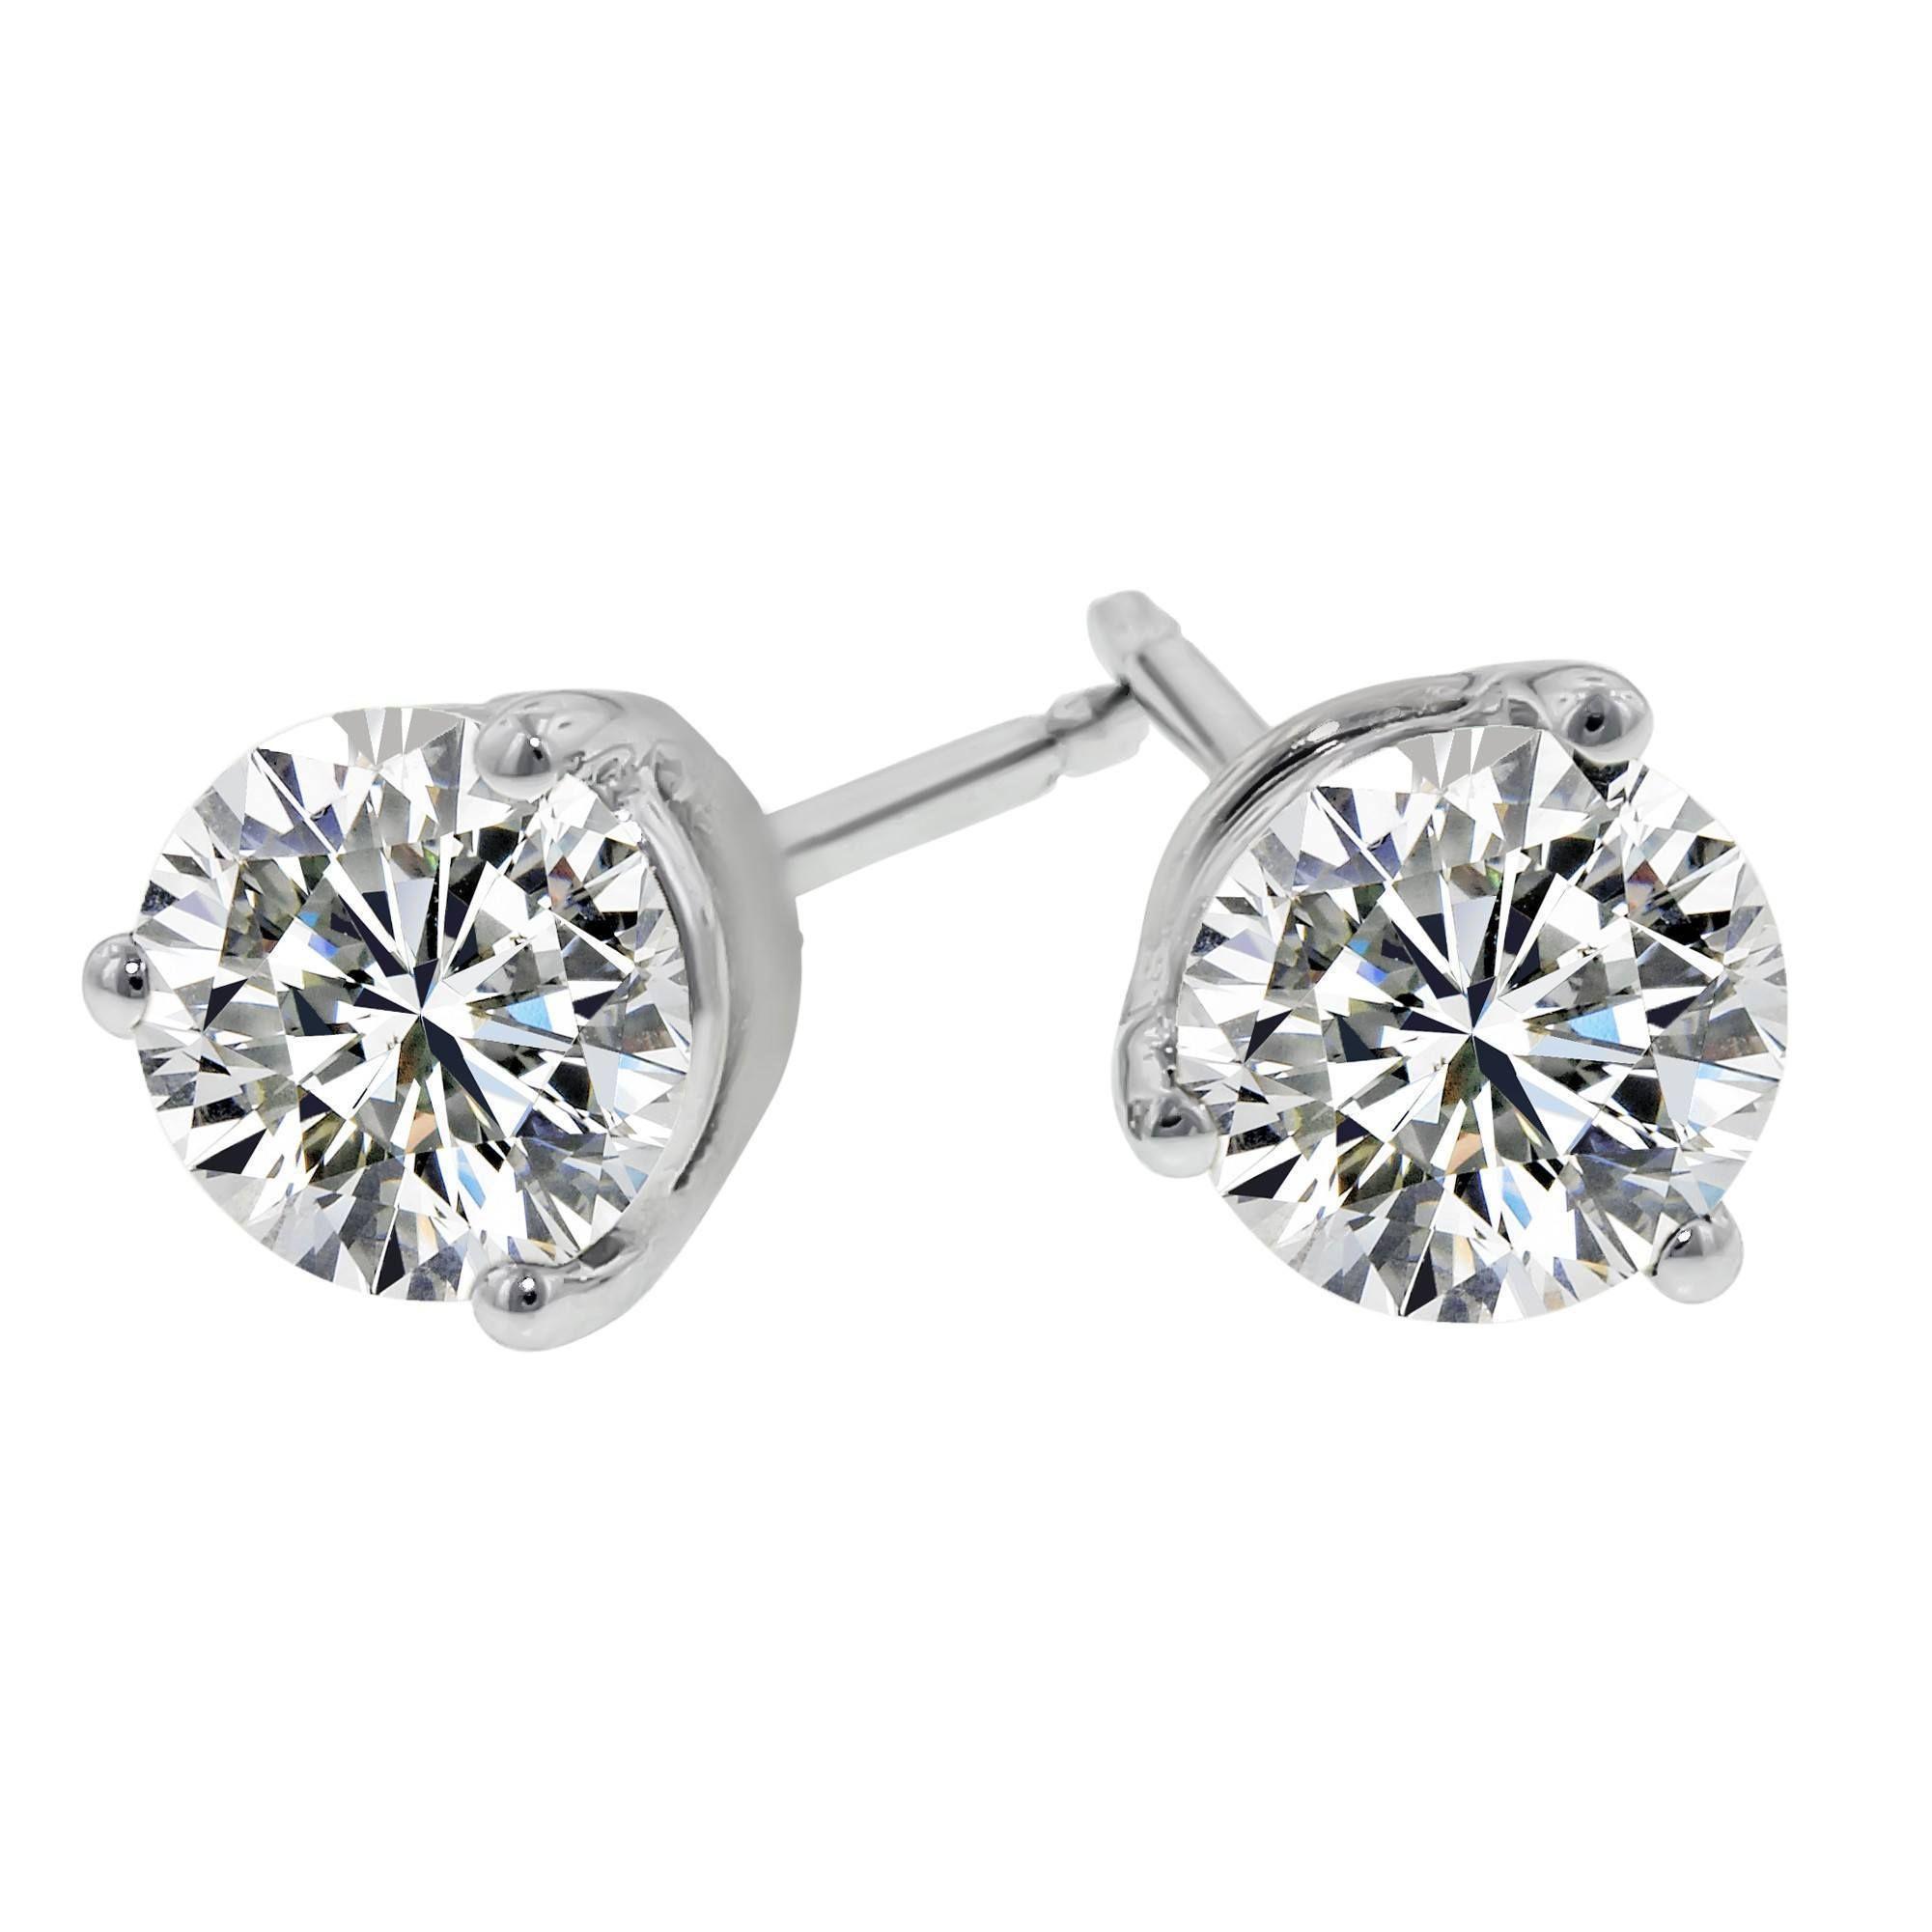 Skl Earrings ebay Jewellery & Watches